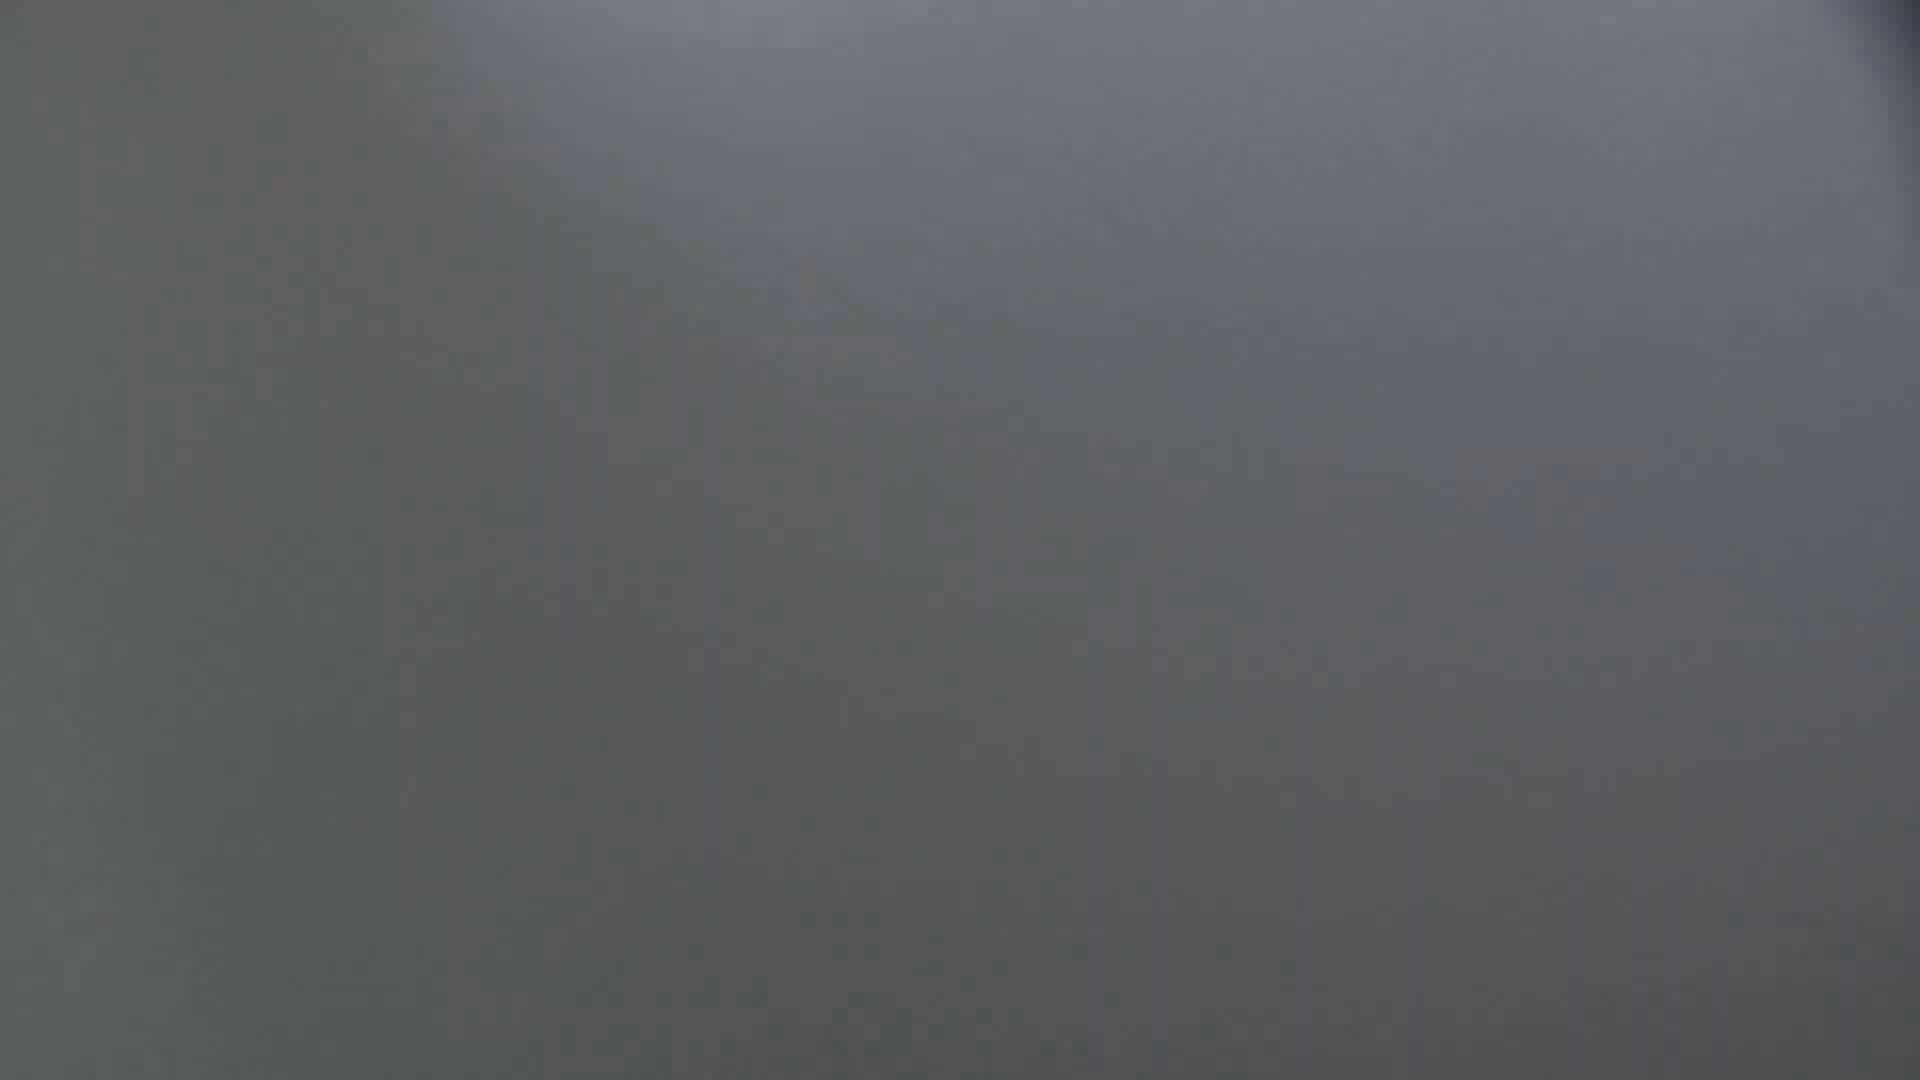 vol.25三十時間潜り、一つしか出会えない完璧桃尻編 byお銀 HなOL 性交動画流出 96pic 74